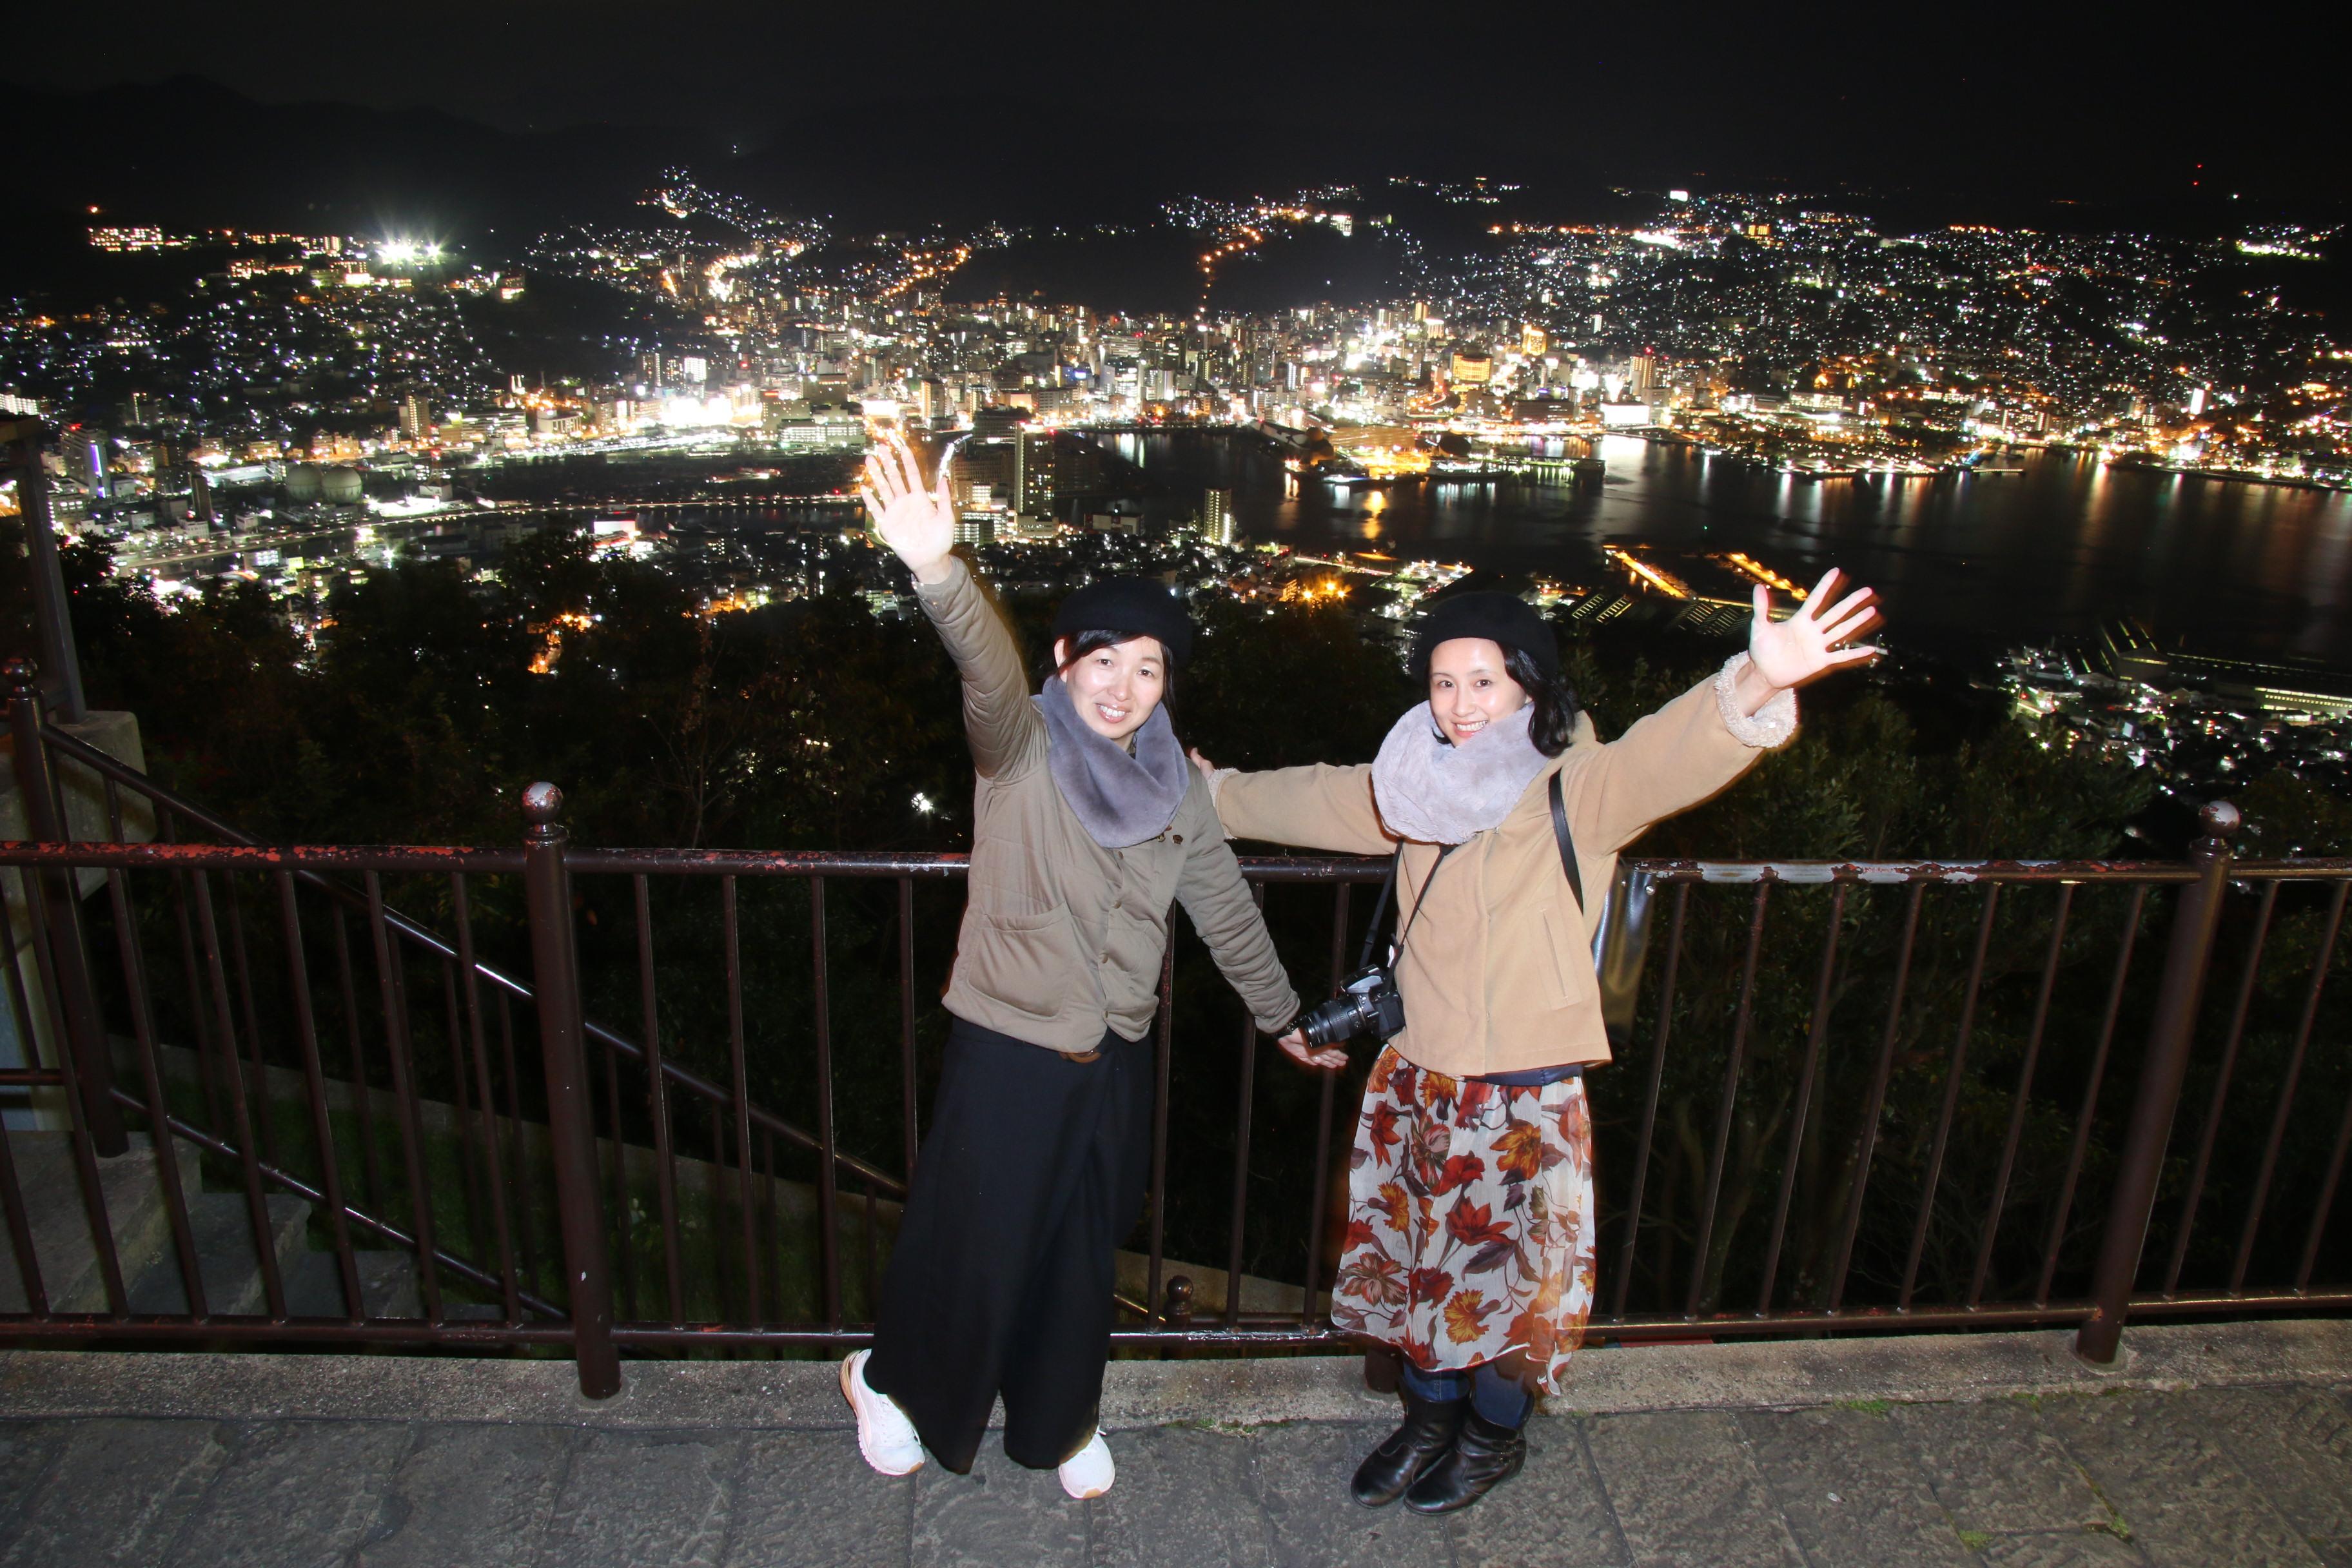 トラベルジェイピー「大江戸温泉物語 長崎ホテル清風」タイアップ記事掲載されました